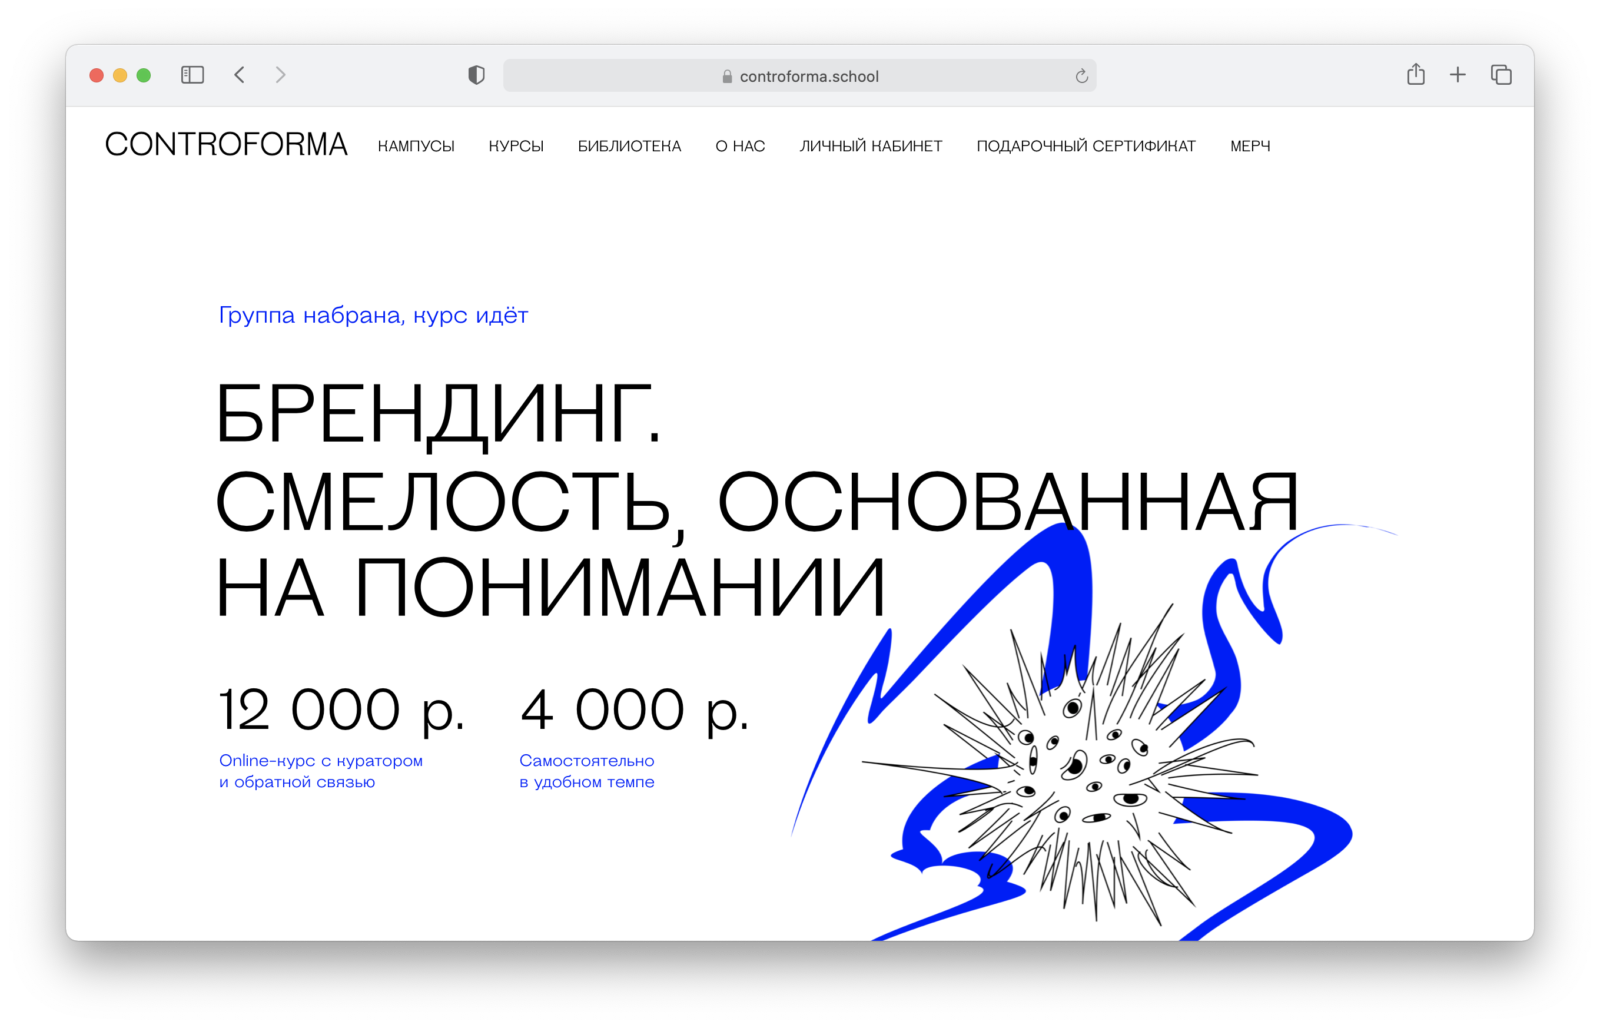 Курс по созданию айдентики и визуальной коммуникации: 2 месяца обучения, все этапы бренд-дизайна, создание собственного проекта